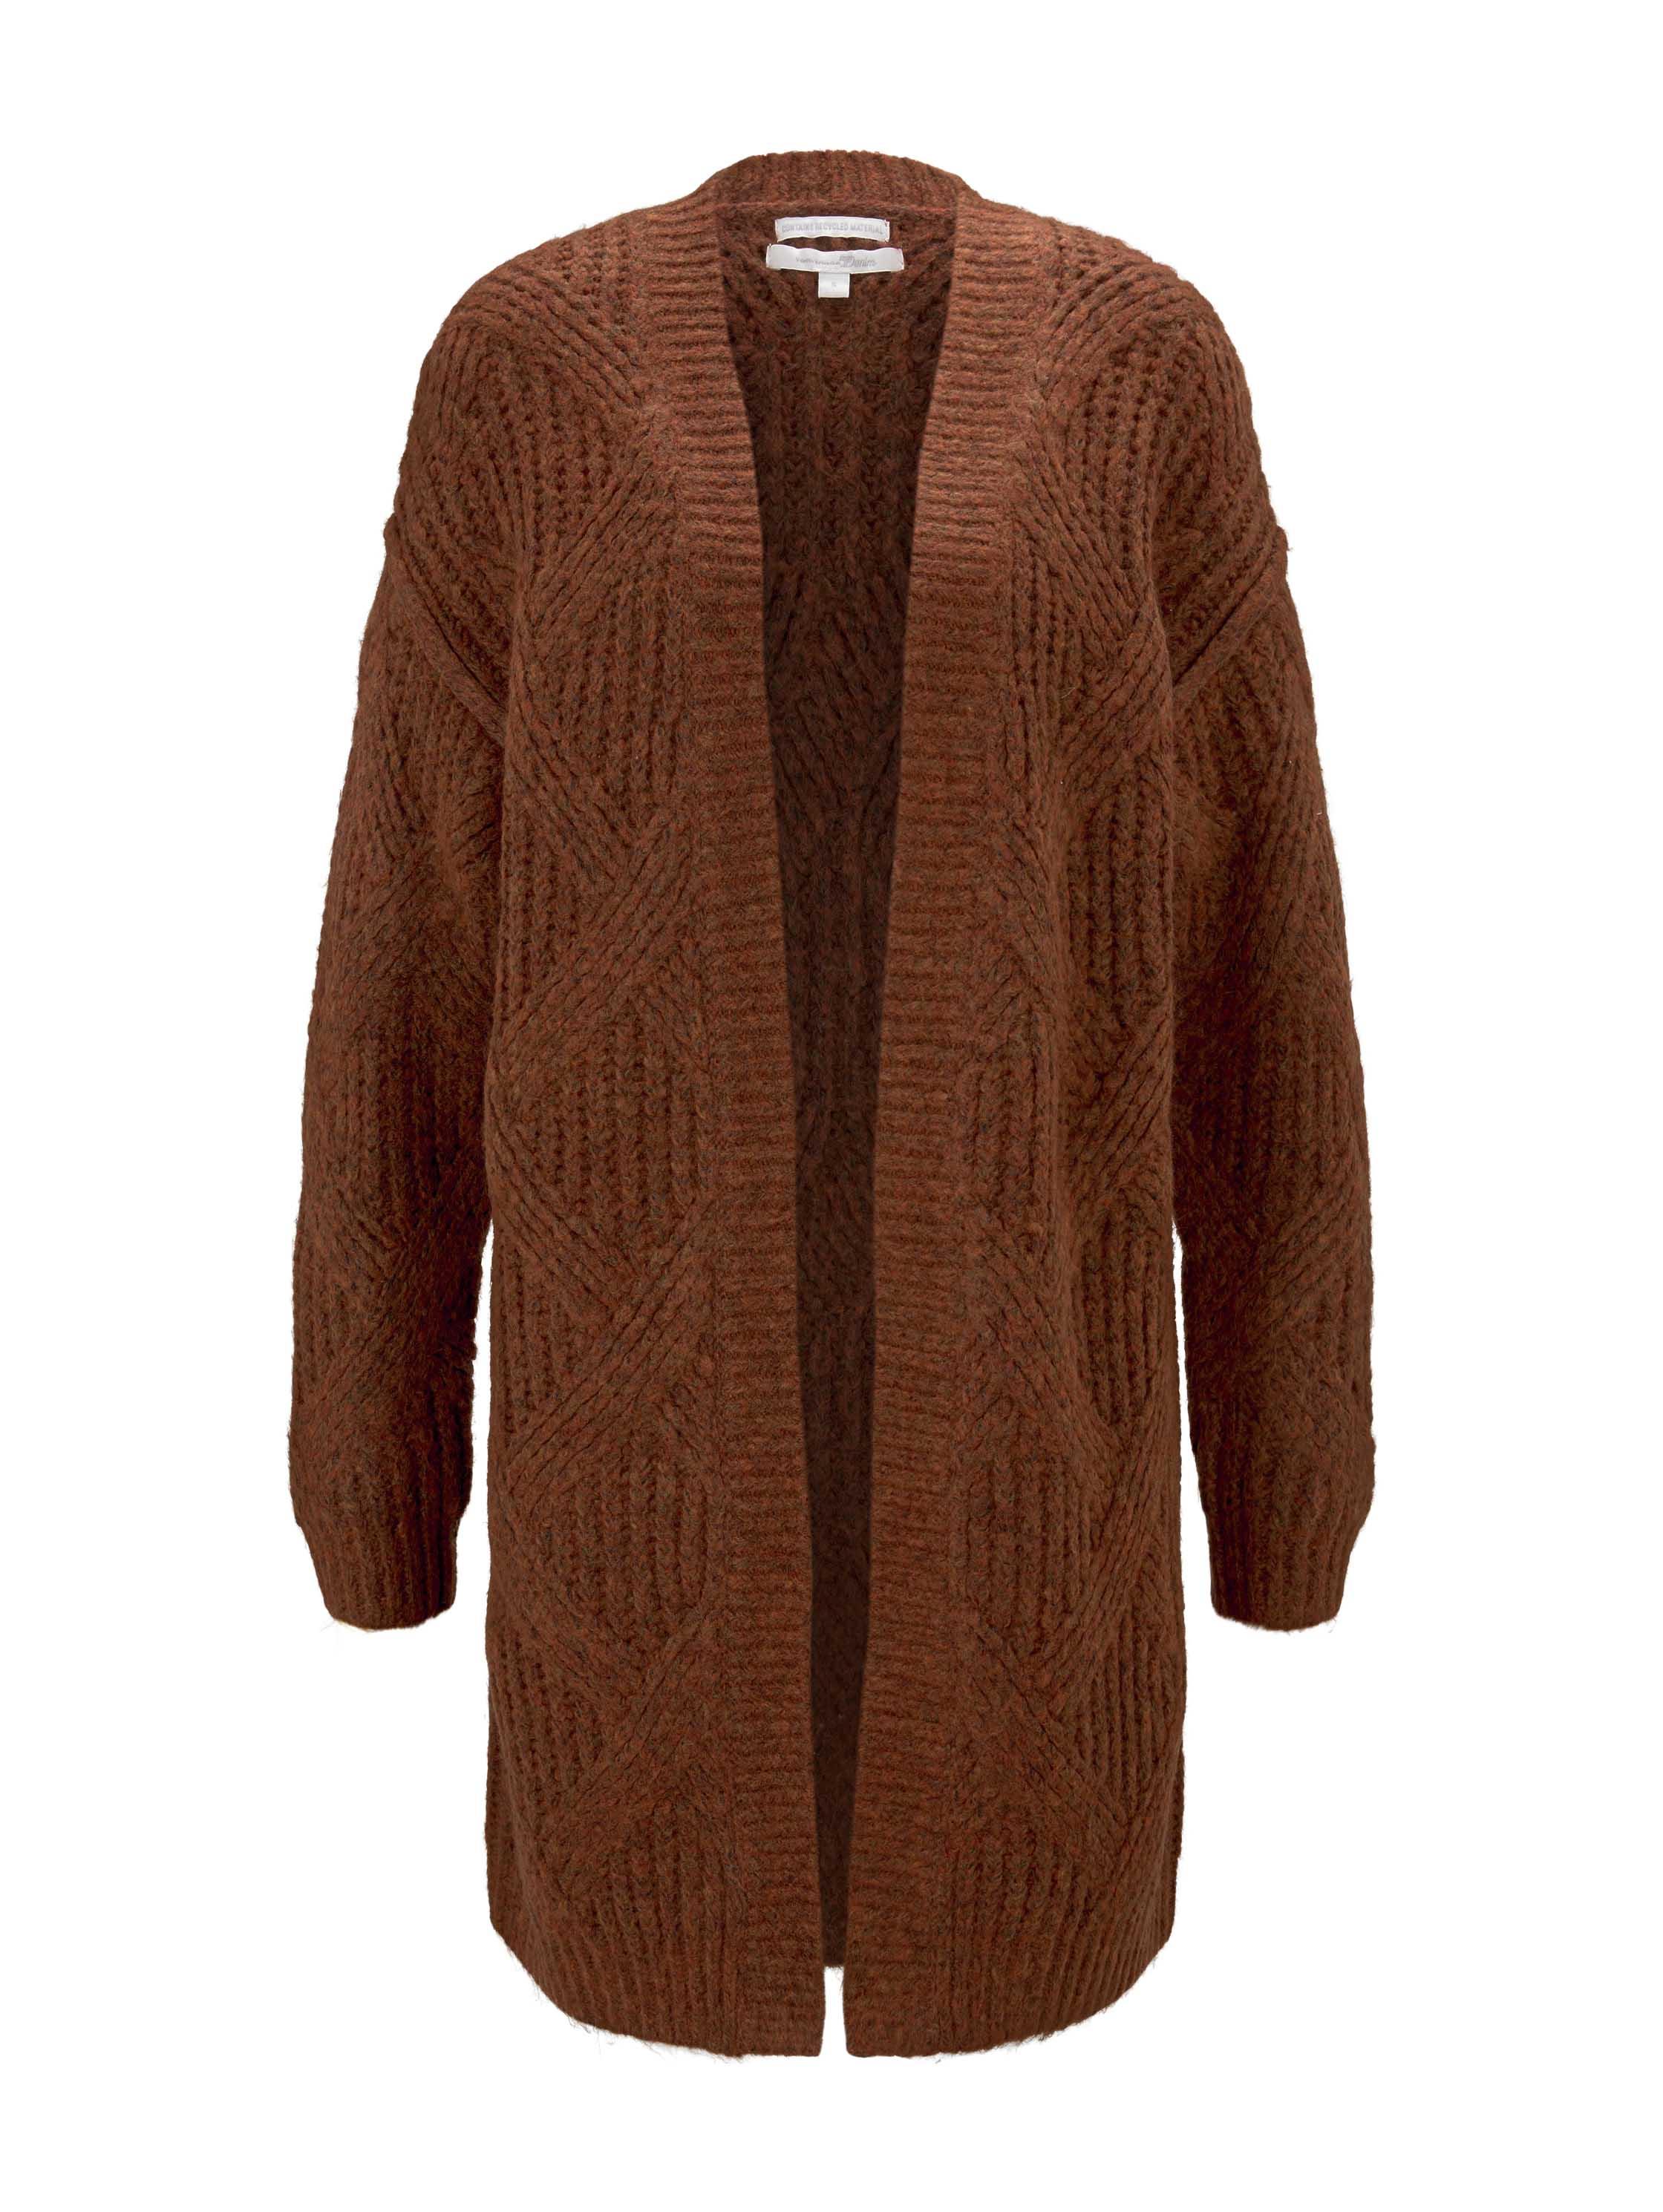 airspun knit cardigan, rust melange